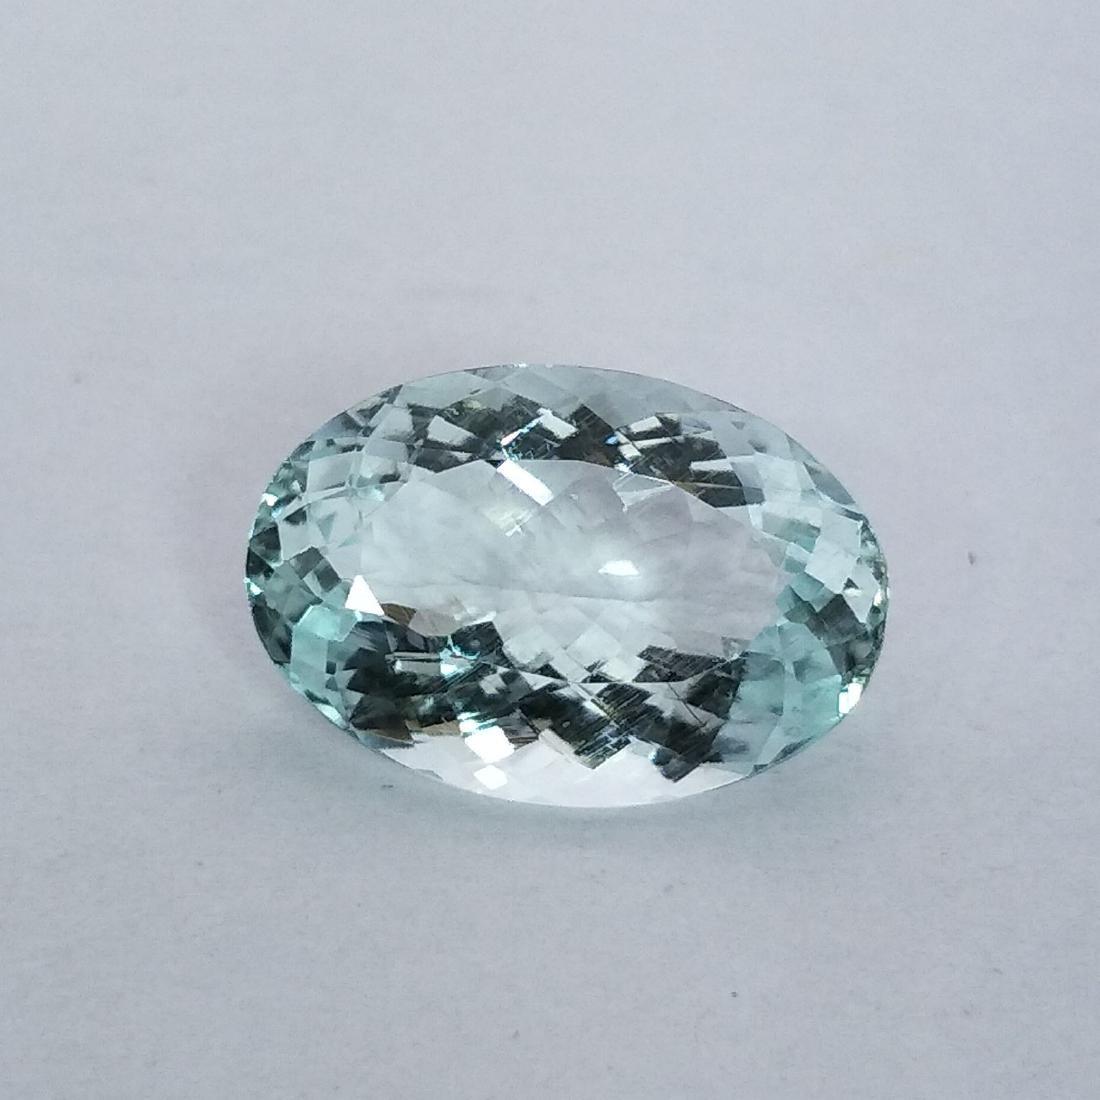 Aquamarine - 3.87 ct - 2